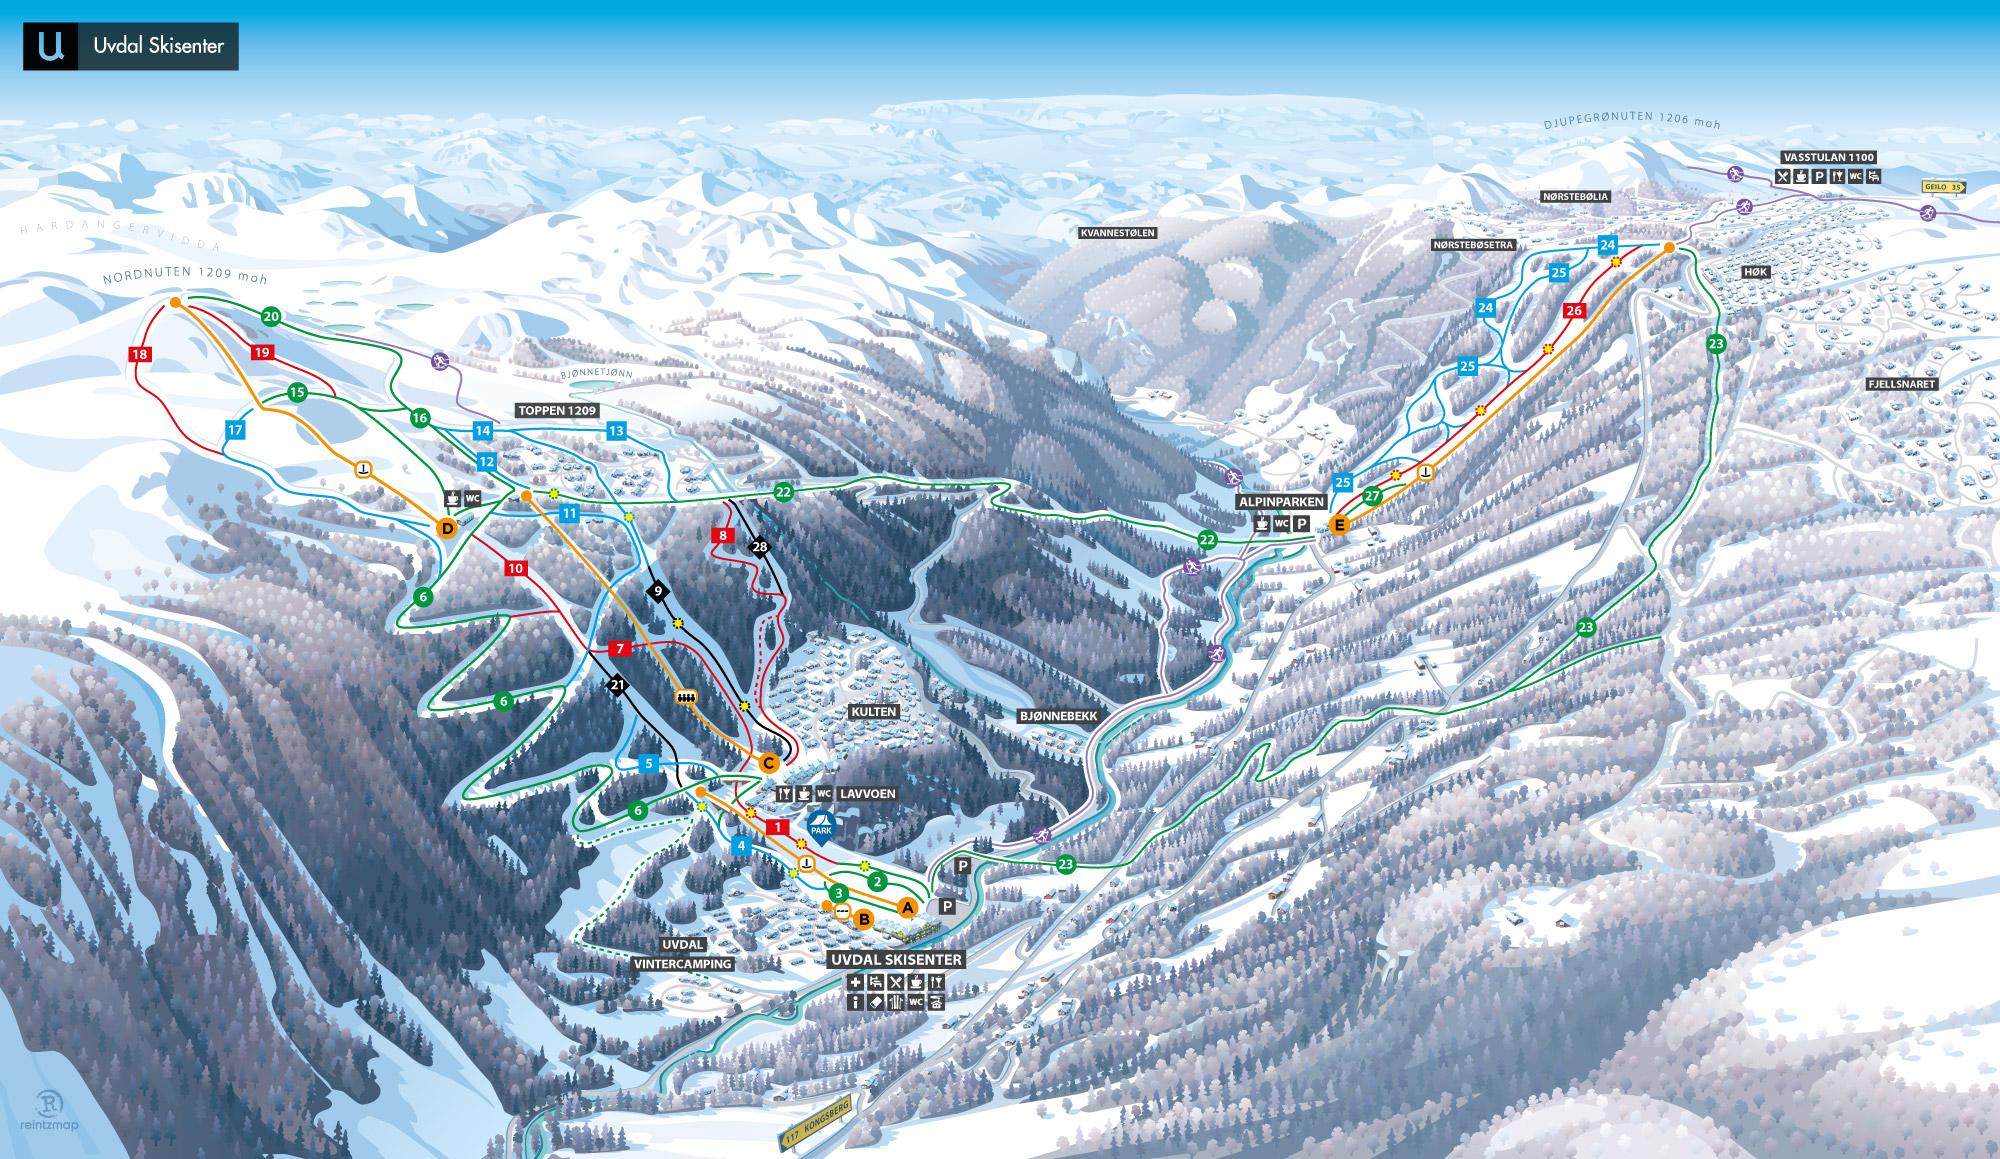 Uvdal ski map